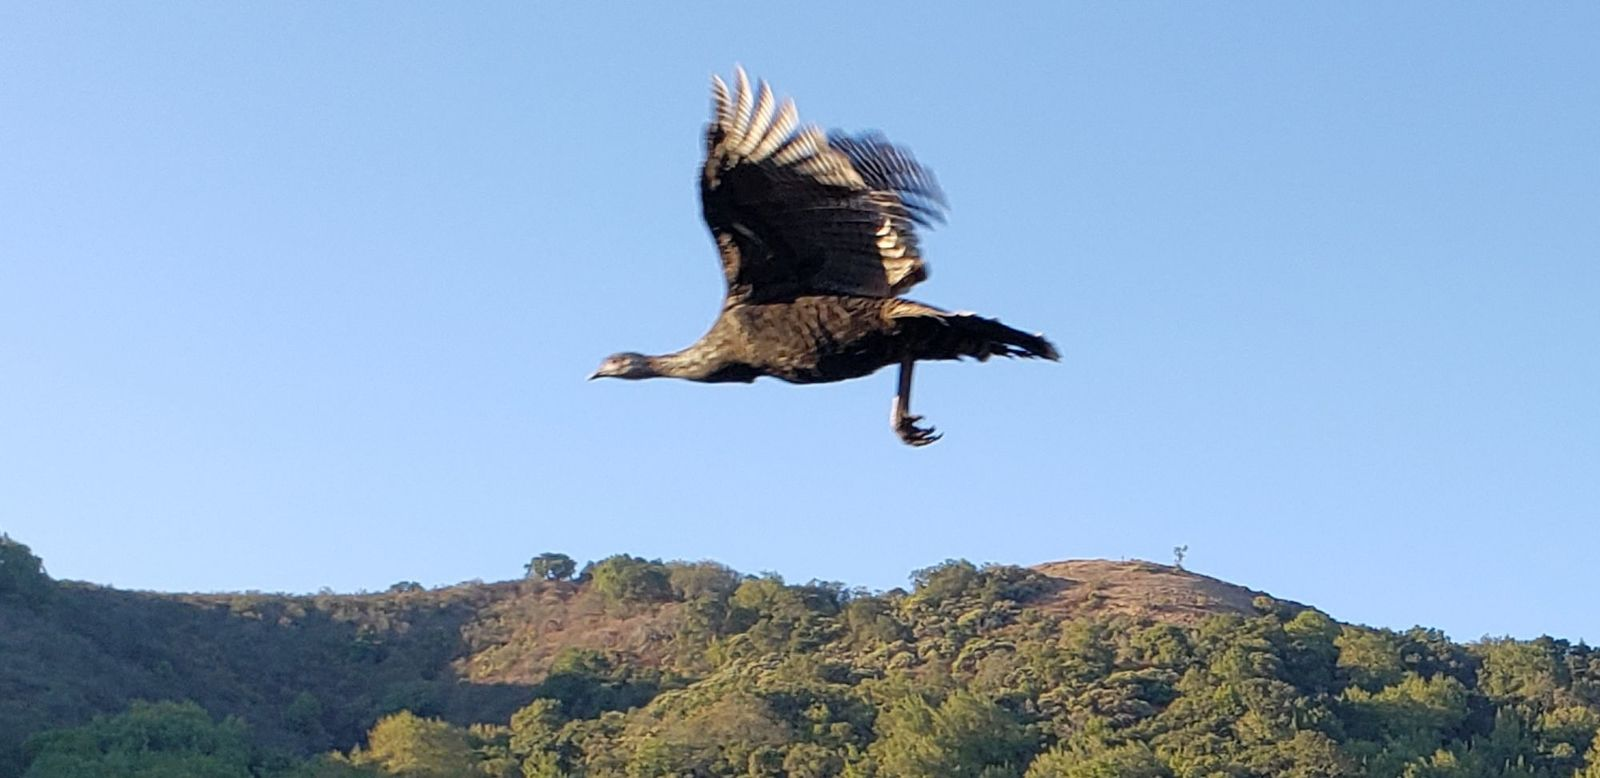 80-turkey_flying_f3031dce3ae1192f817f7a1cf2c81104d8b42135.jpg